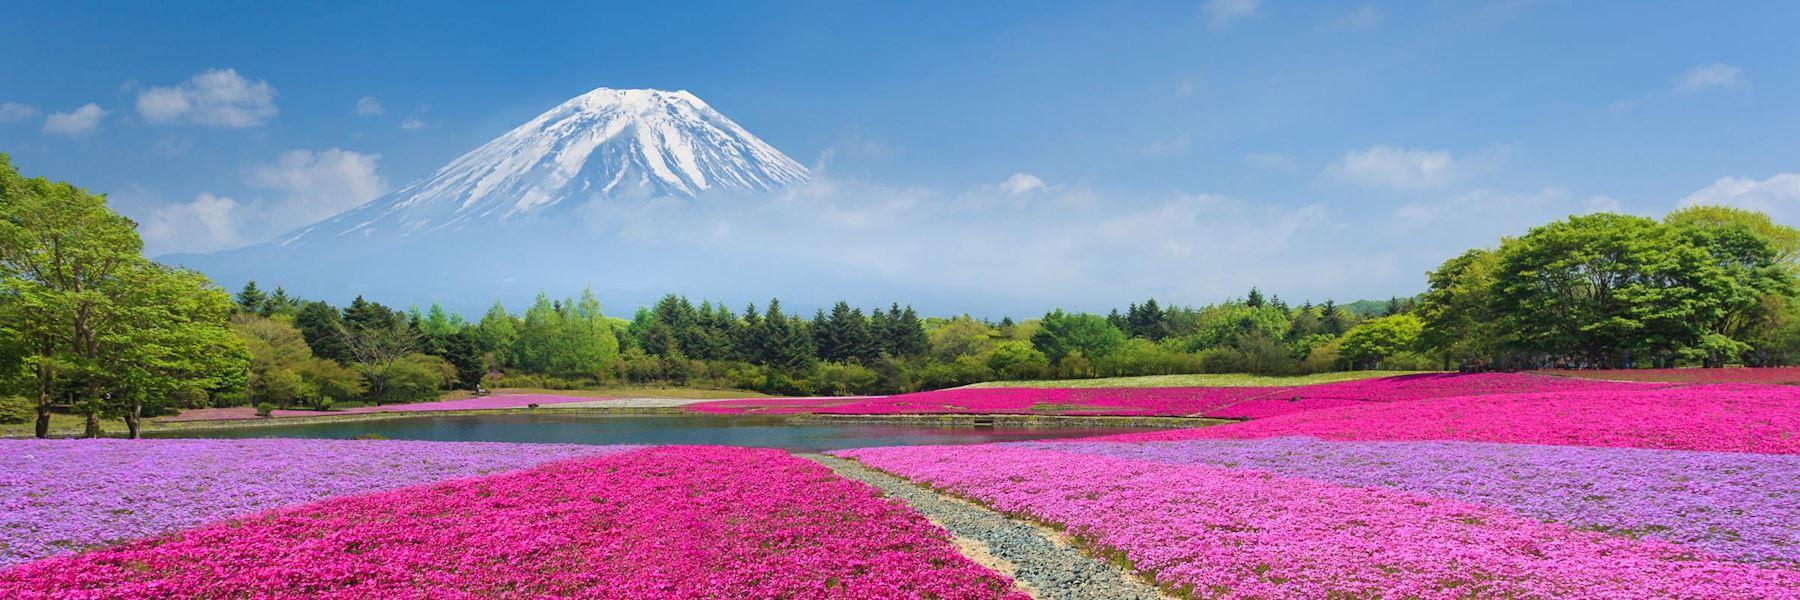 Visit Hakone & Mount Fuji, Japan